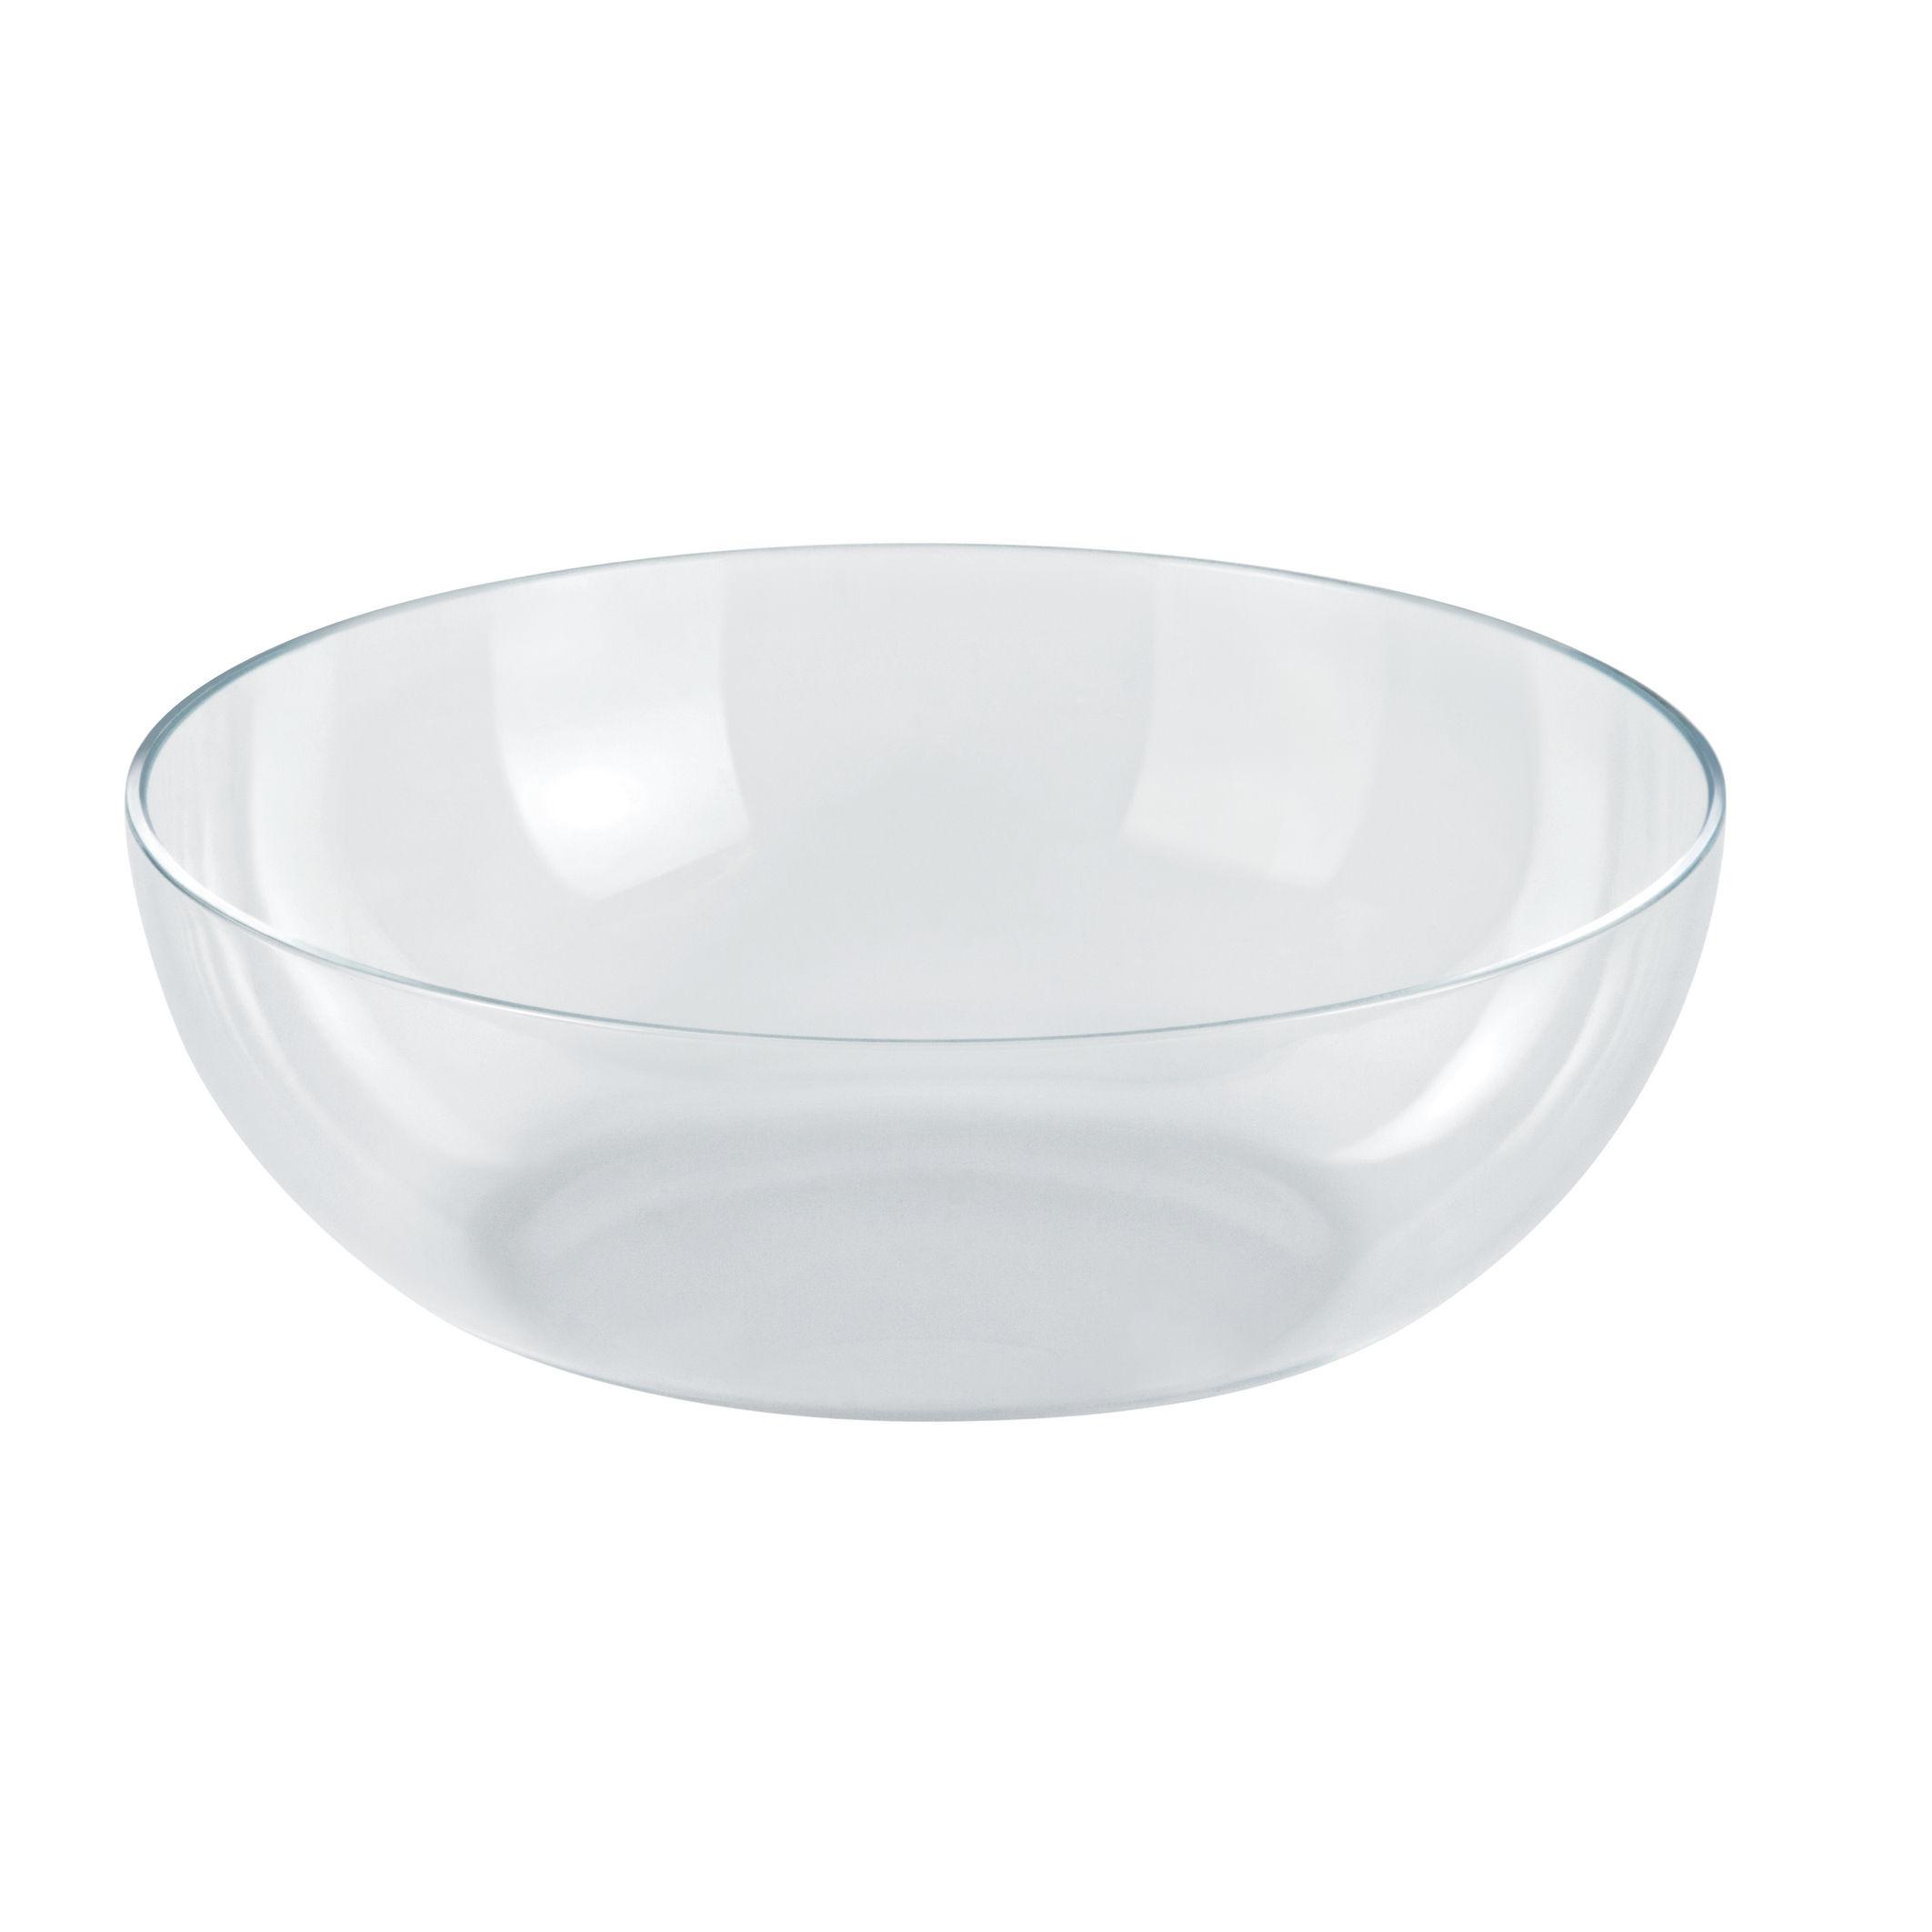 Arts de la table - Saladiers, coupes et bols - Bol transparent / Pour corbeille Mediterraneo Ø 29 cm - Alessi - Transparent - Plastique